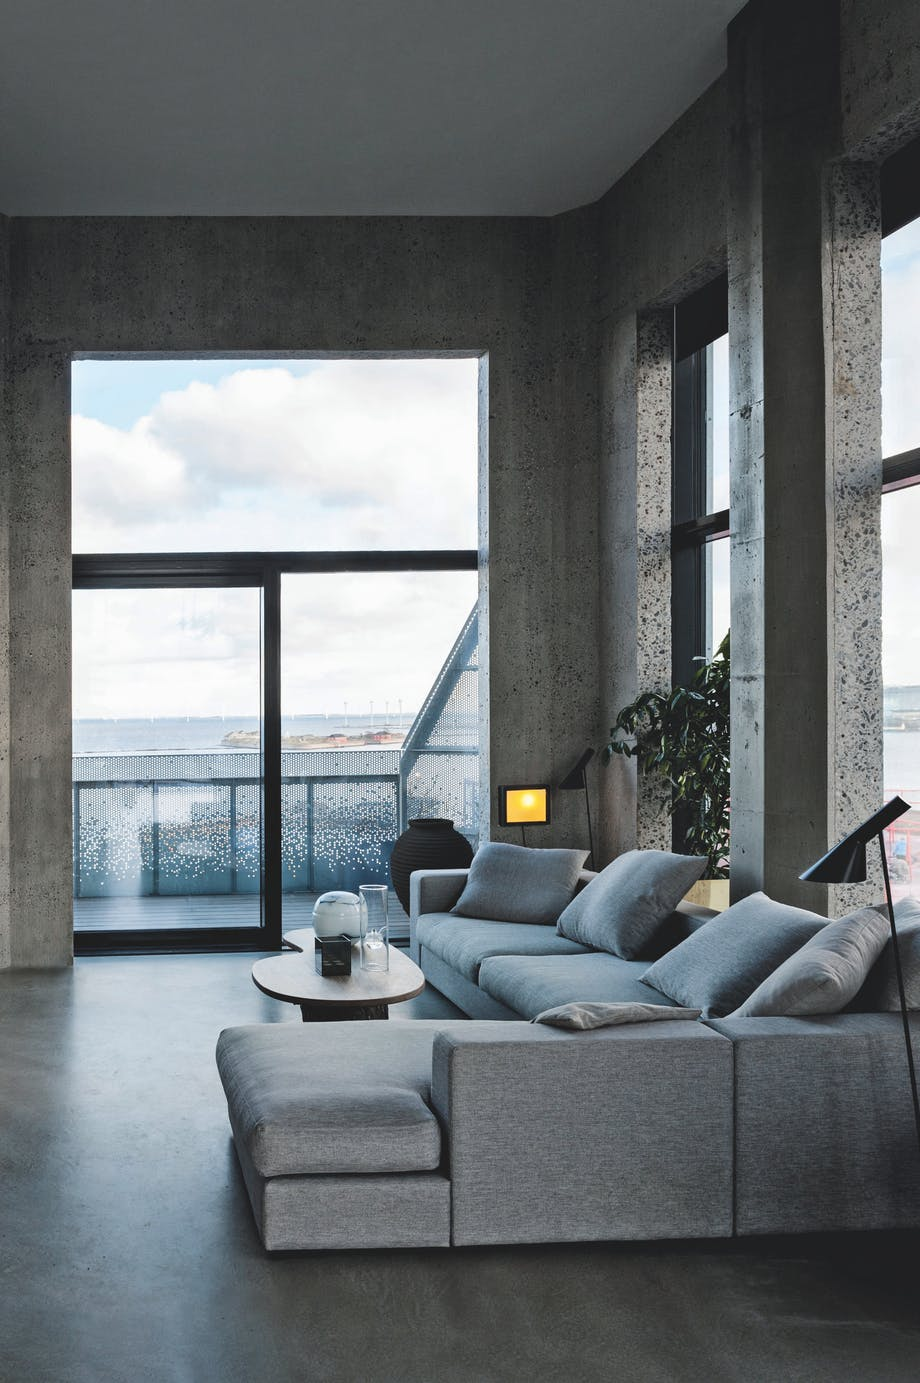 Sofa i grå farver og sofabord af træ